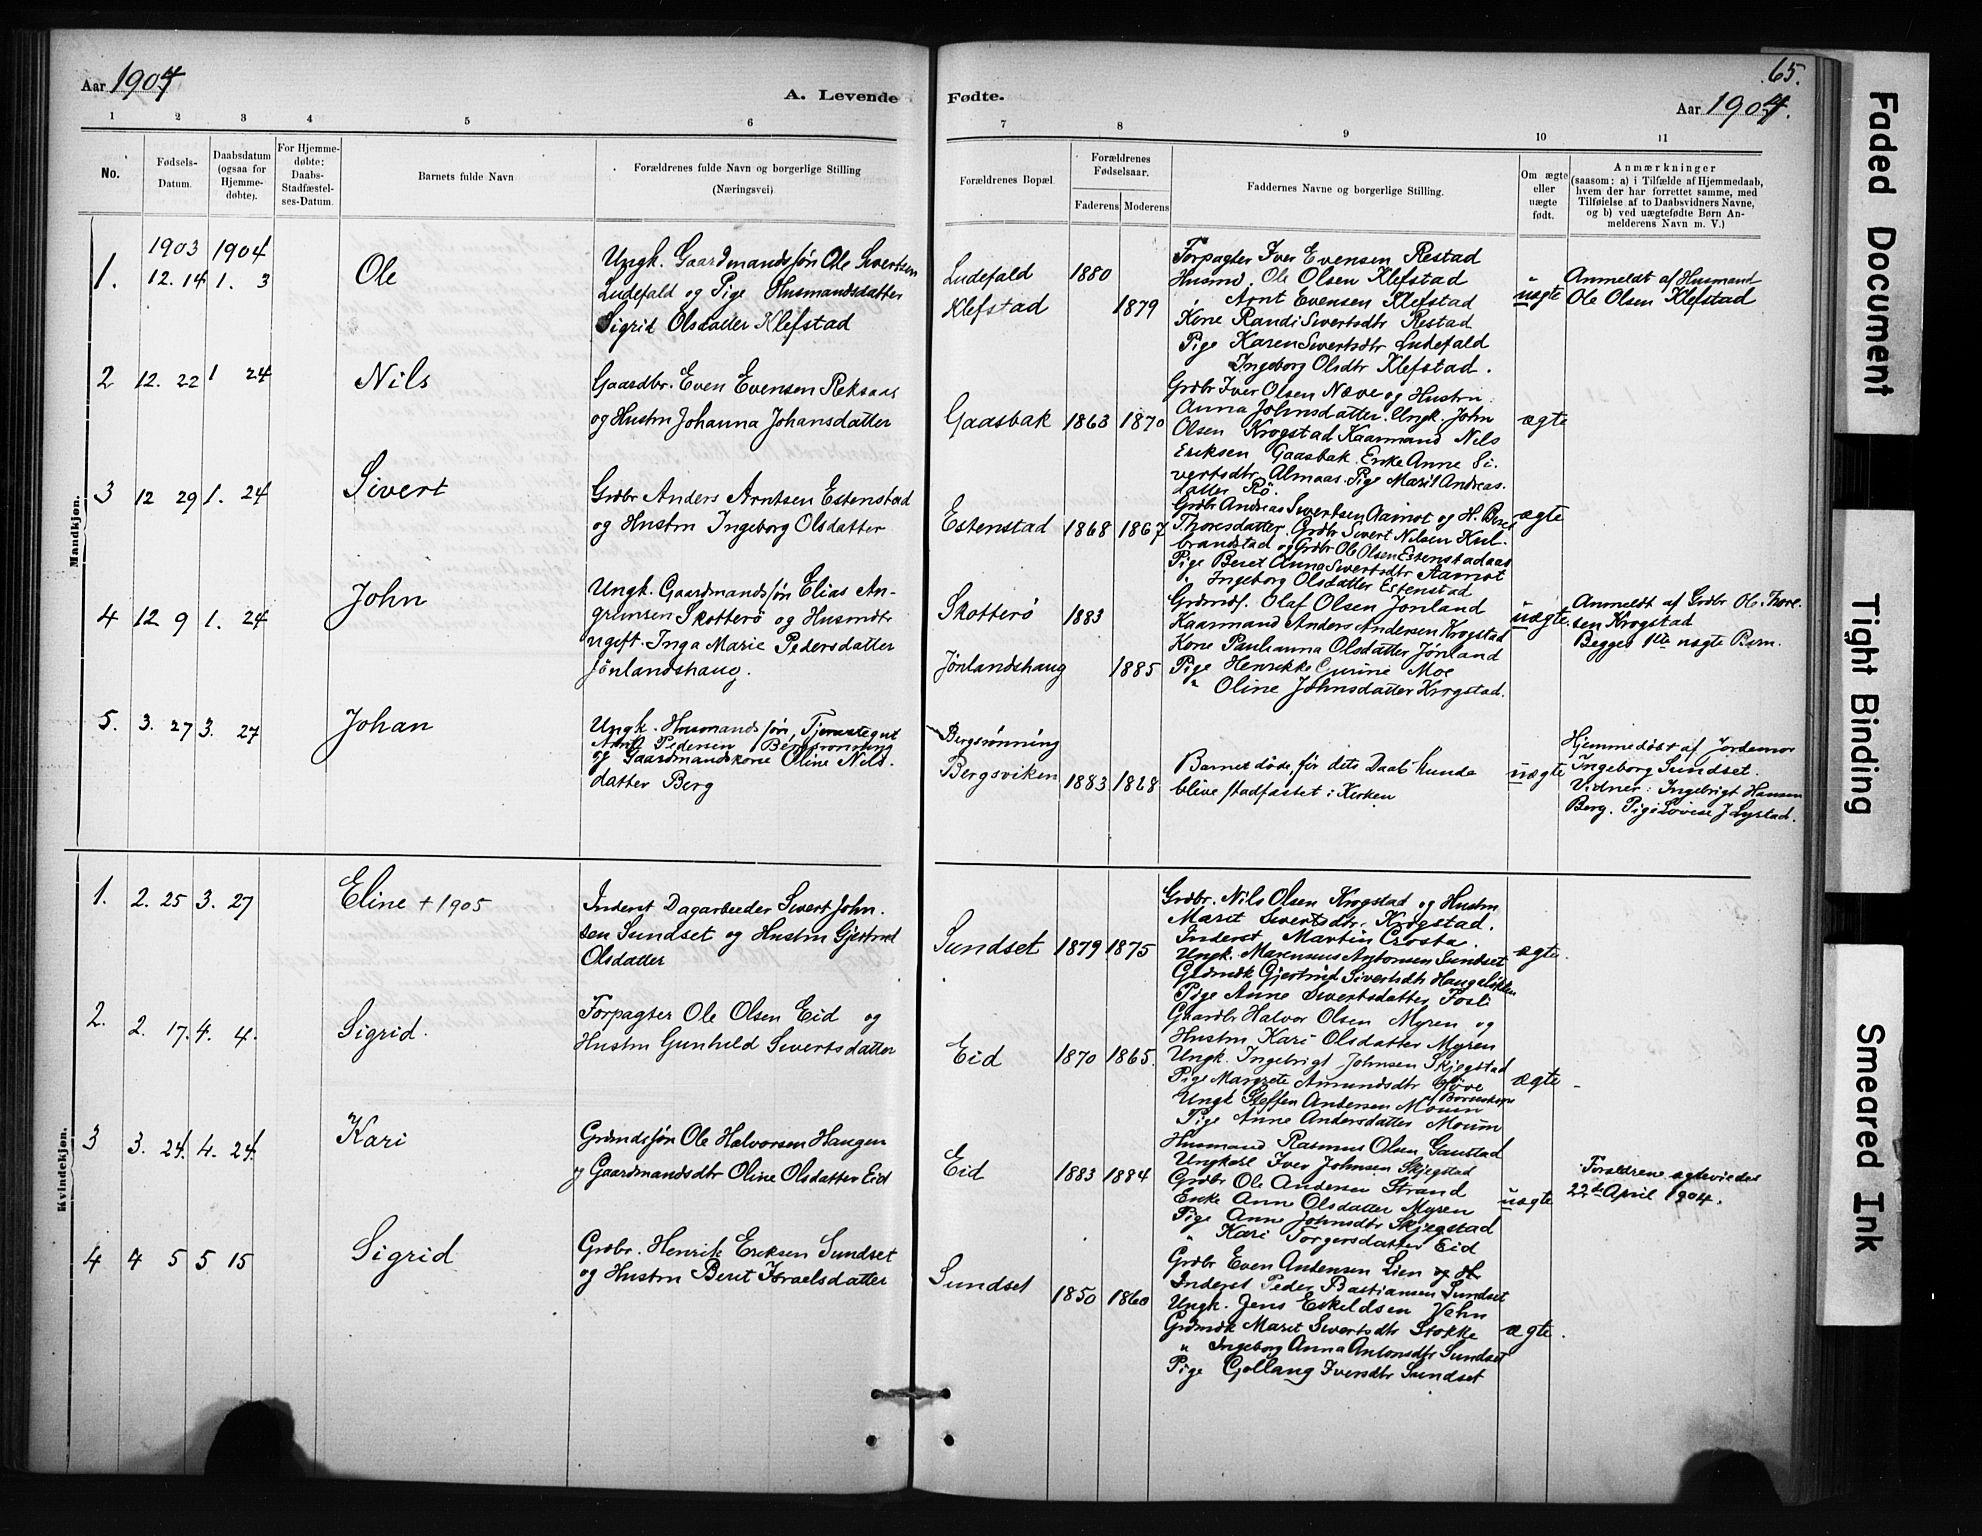 SAT, Ministerialprotokoller, klokkerbøker og fødselsregistre - Sør-Trøndelag, 694/L1127: Ministerialbok nr. 694A01, 1887-1905, s. 65